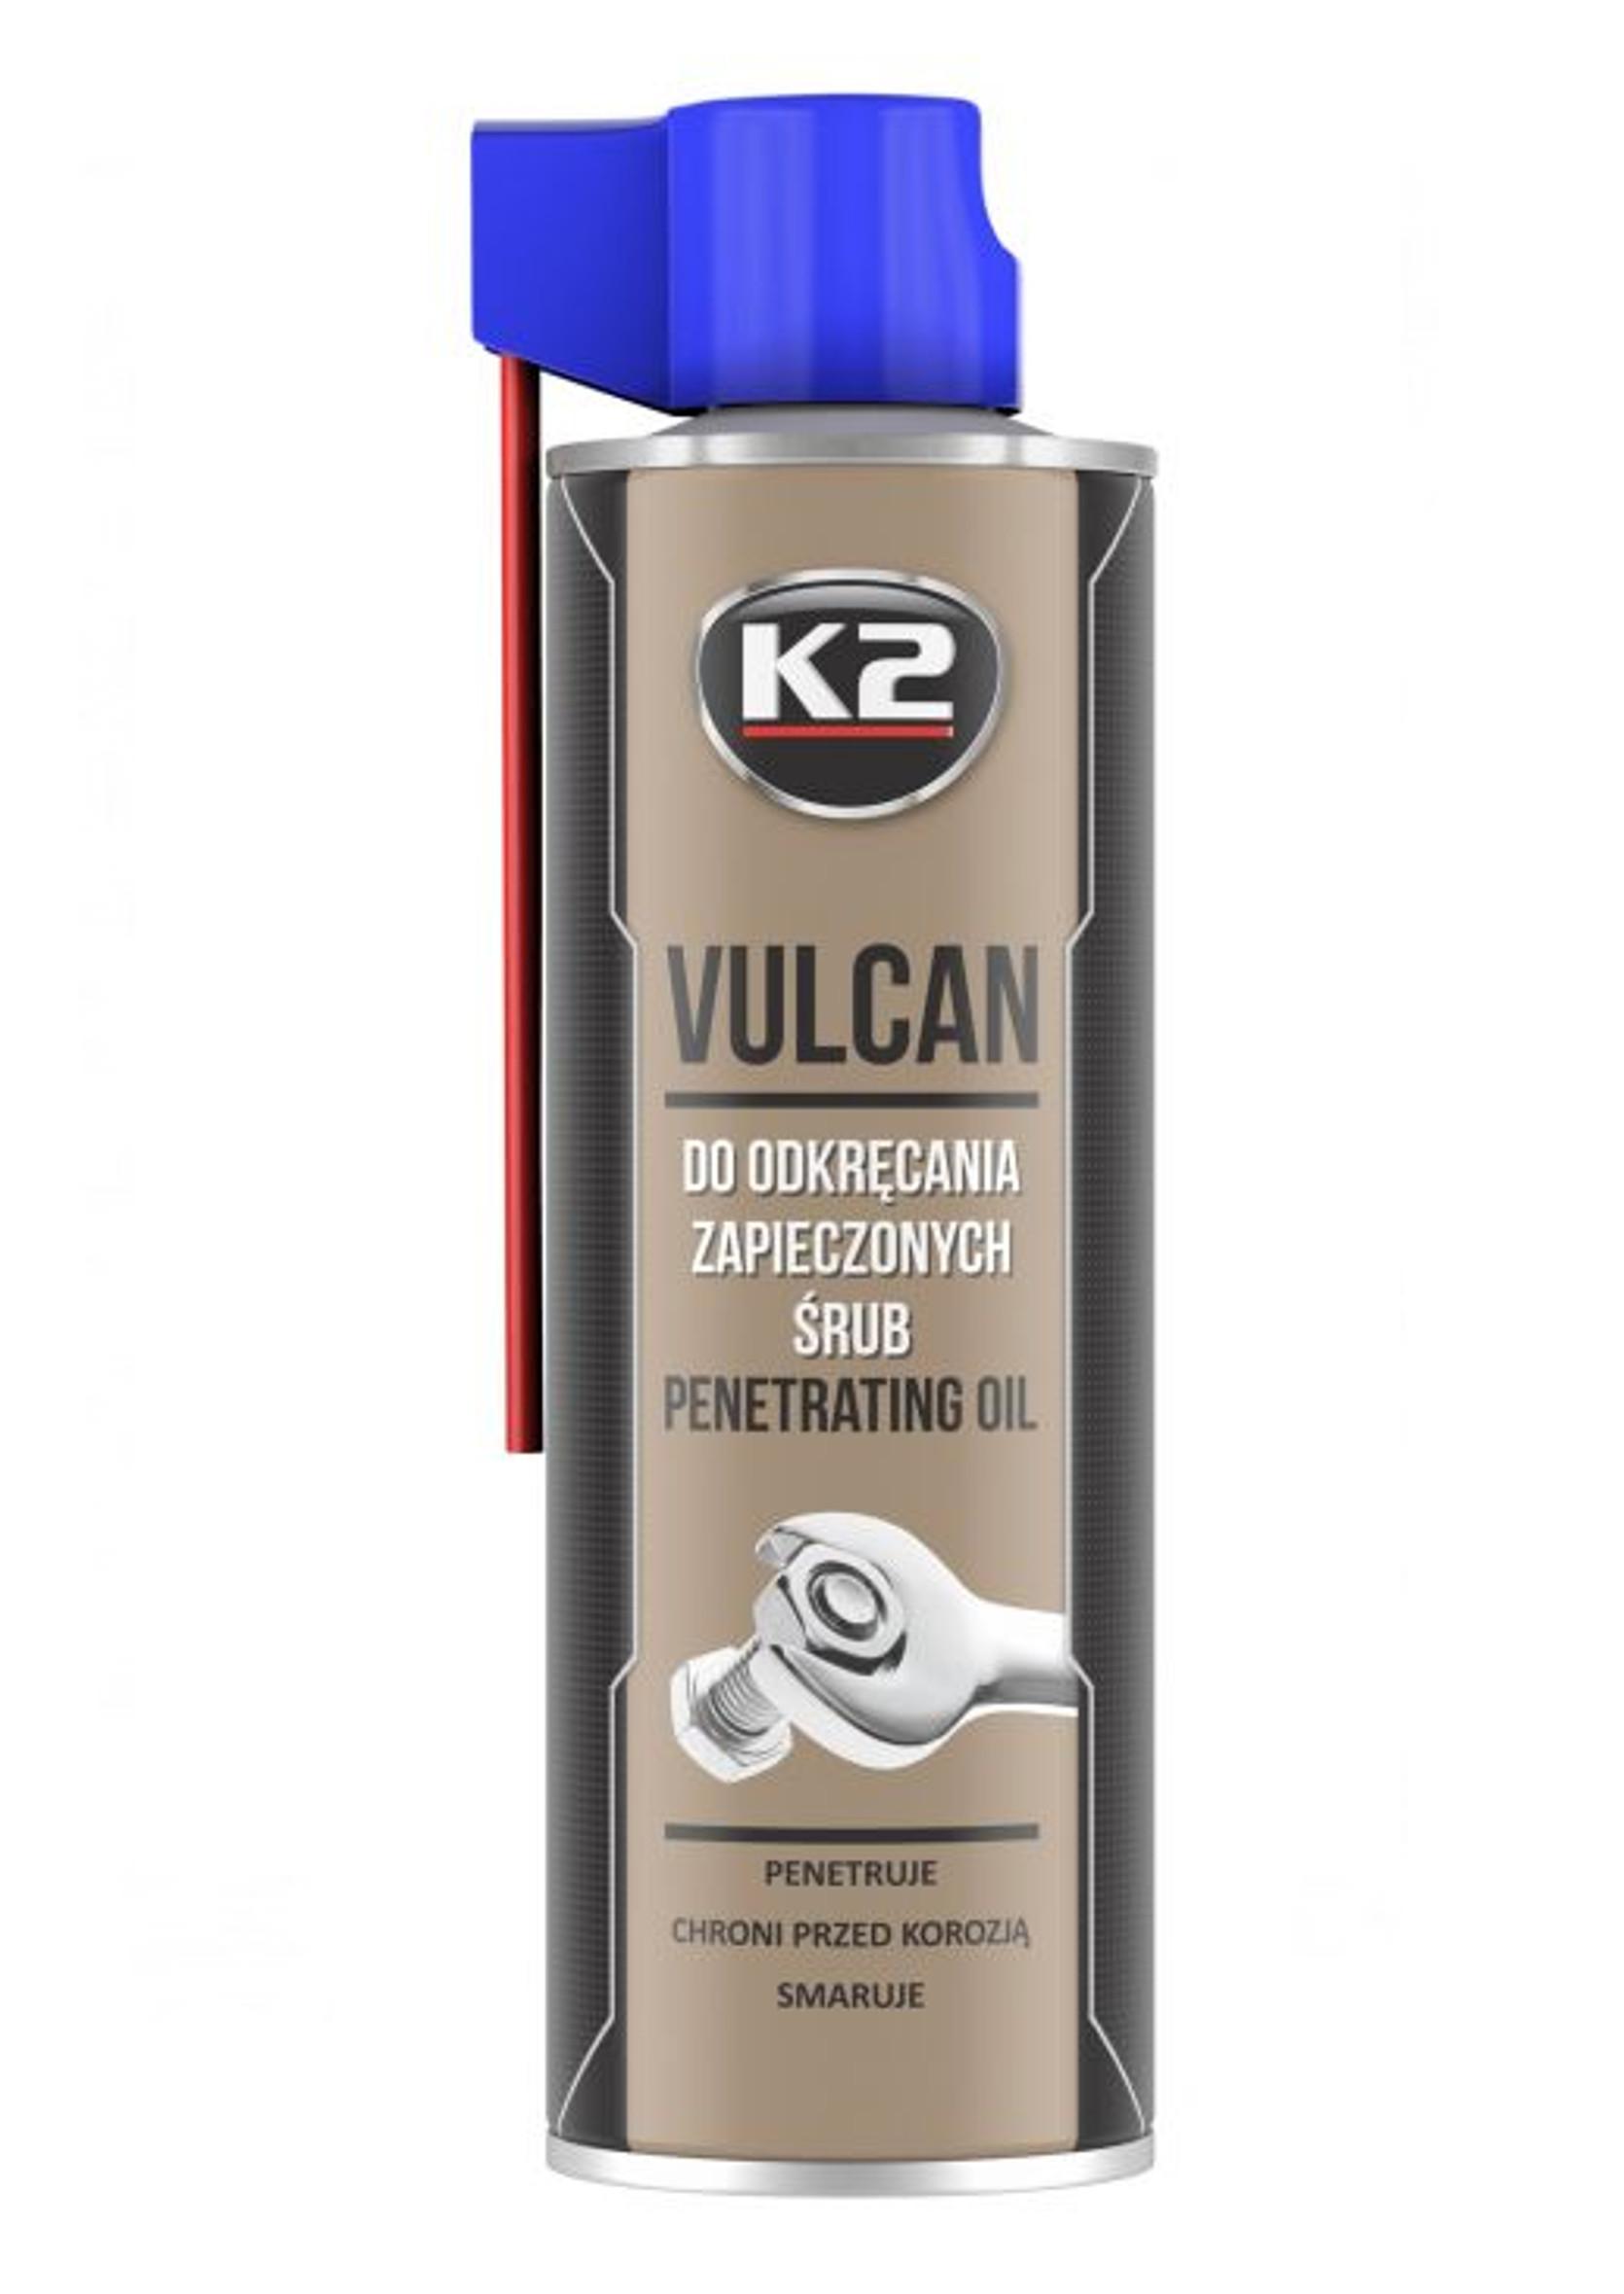 K2 Vulcan 500ml Penetrant Odrdzewiacz do zapieczonych śrub